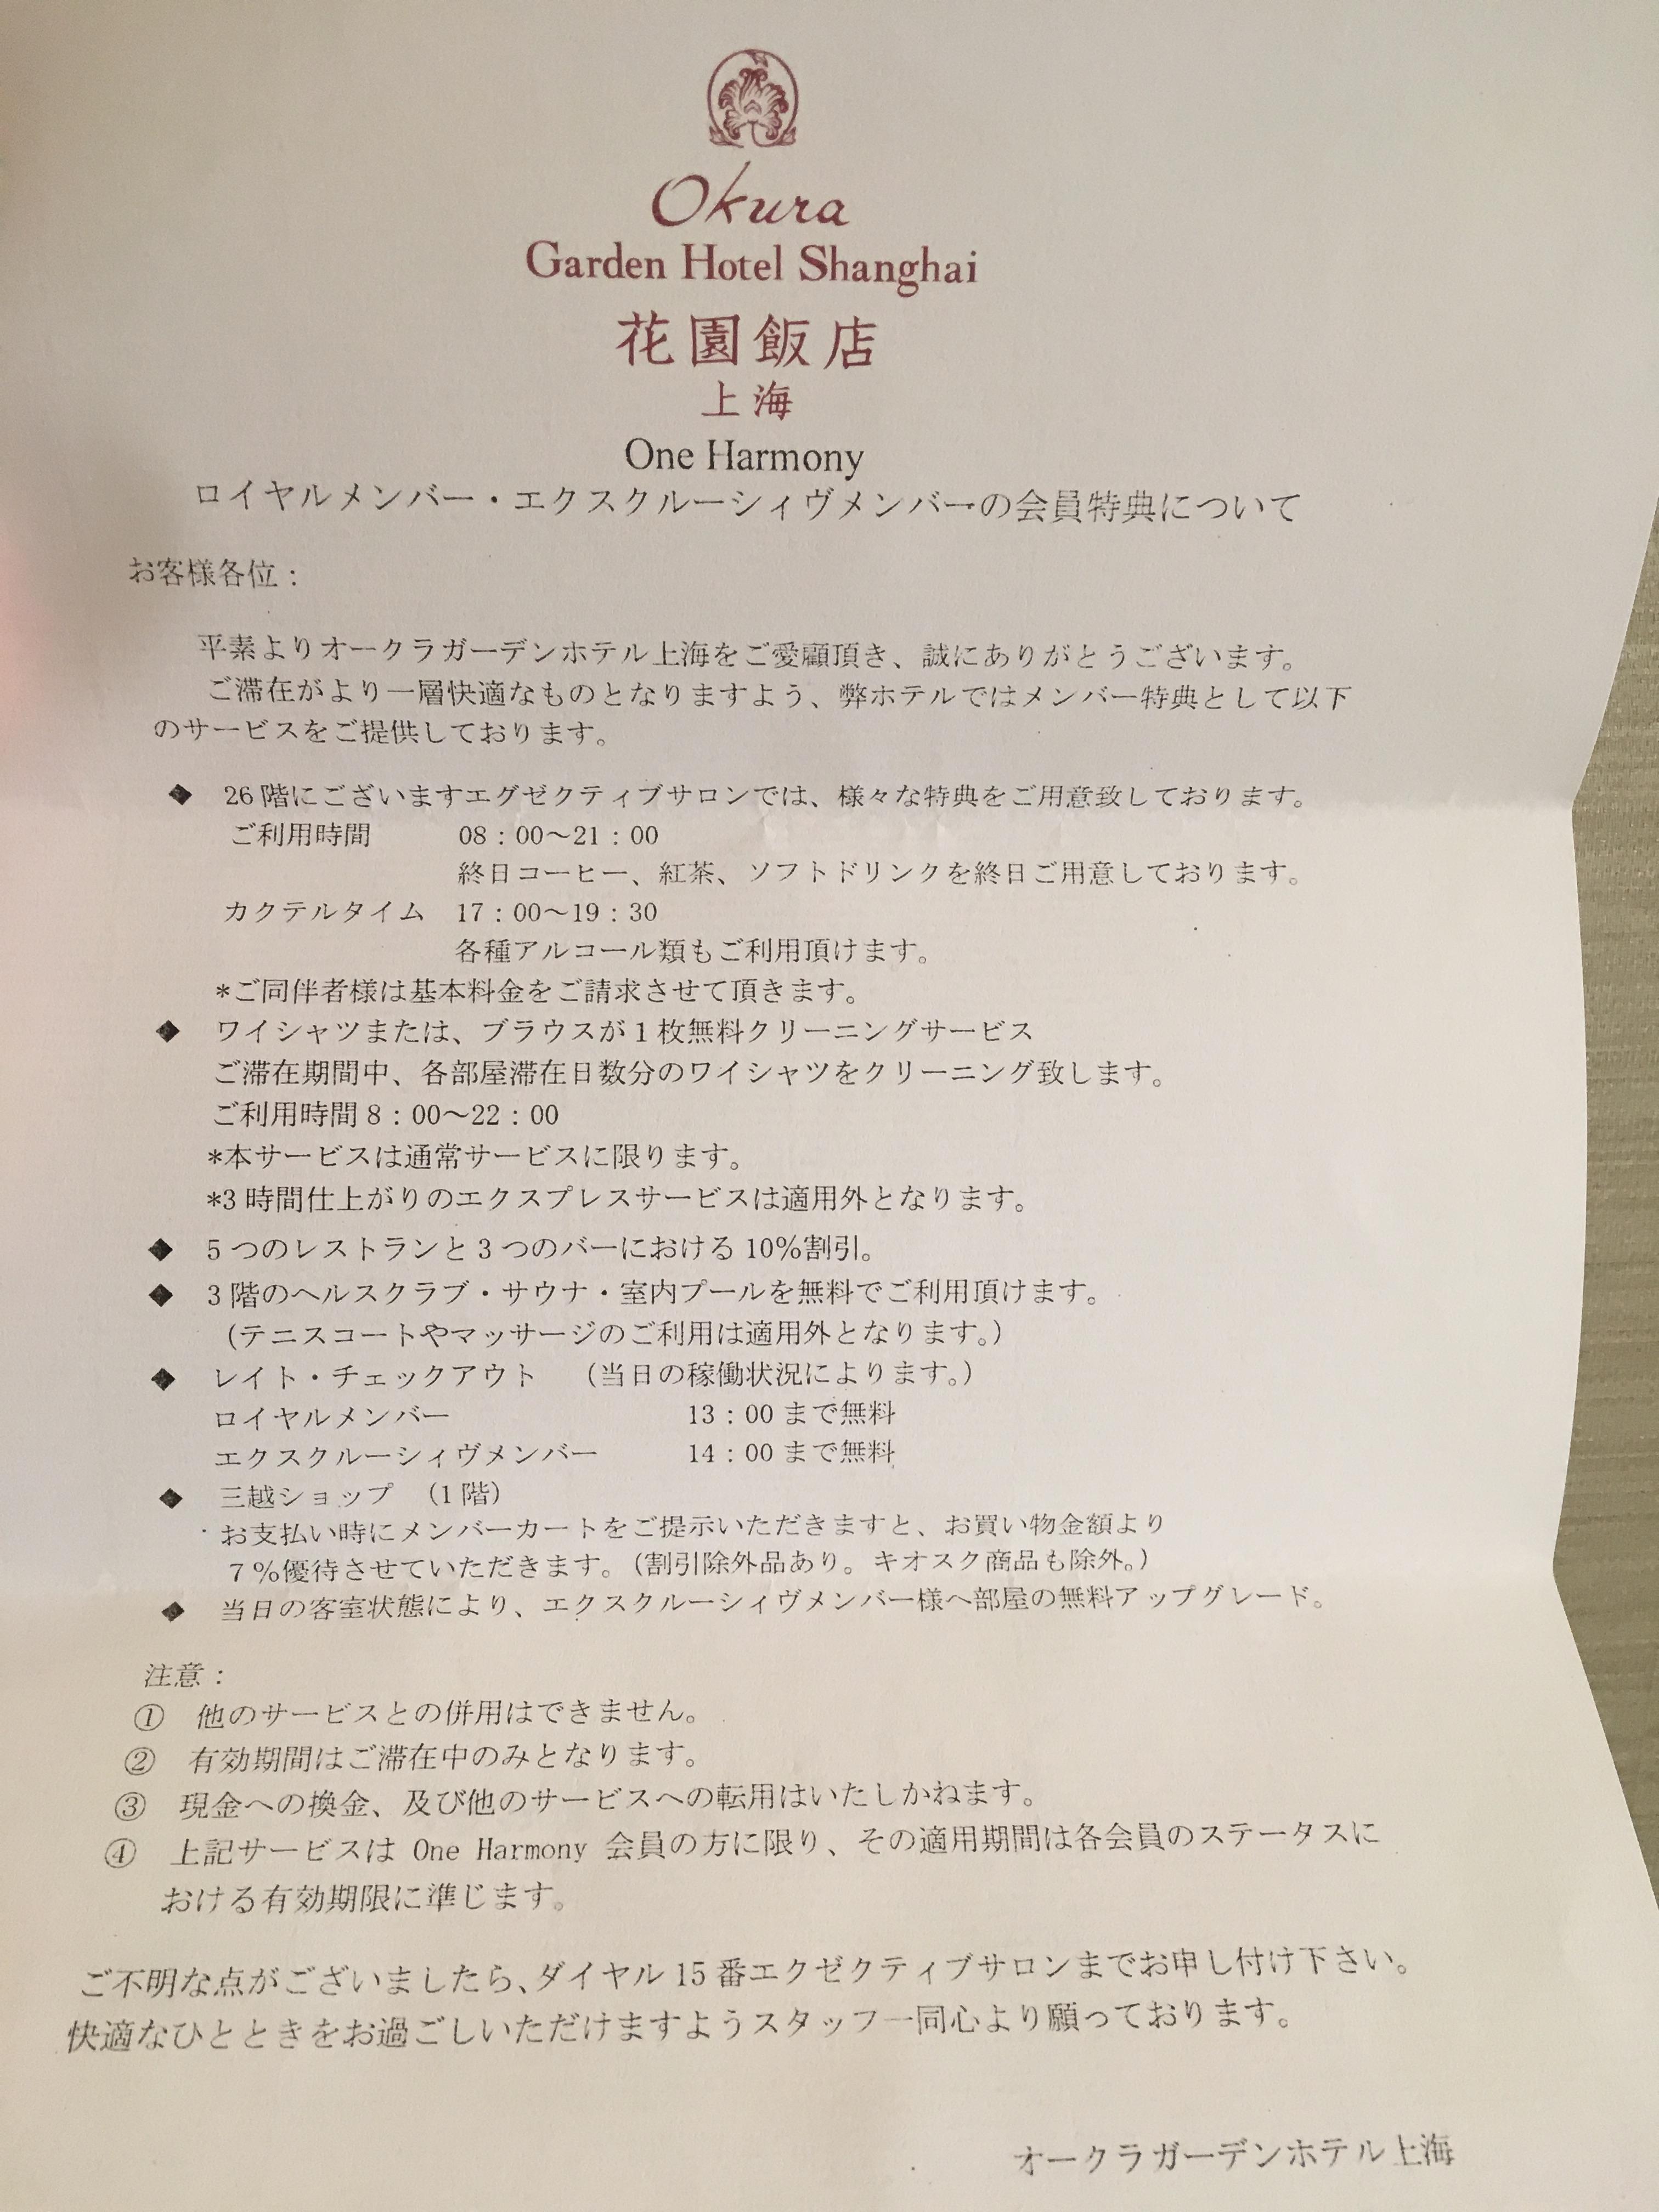 オークラガーデンホテル上海メンバー